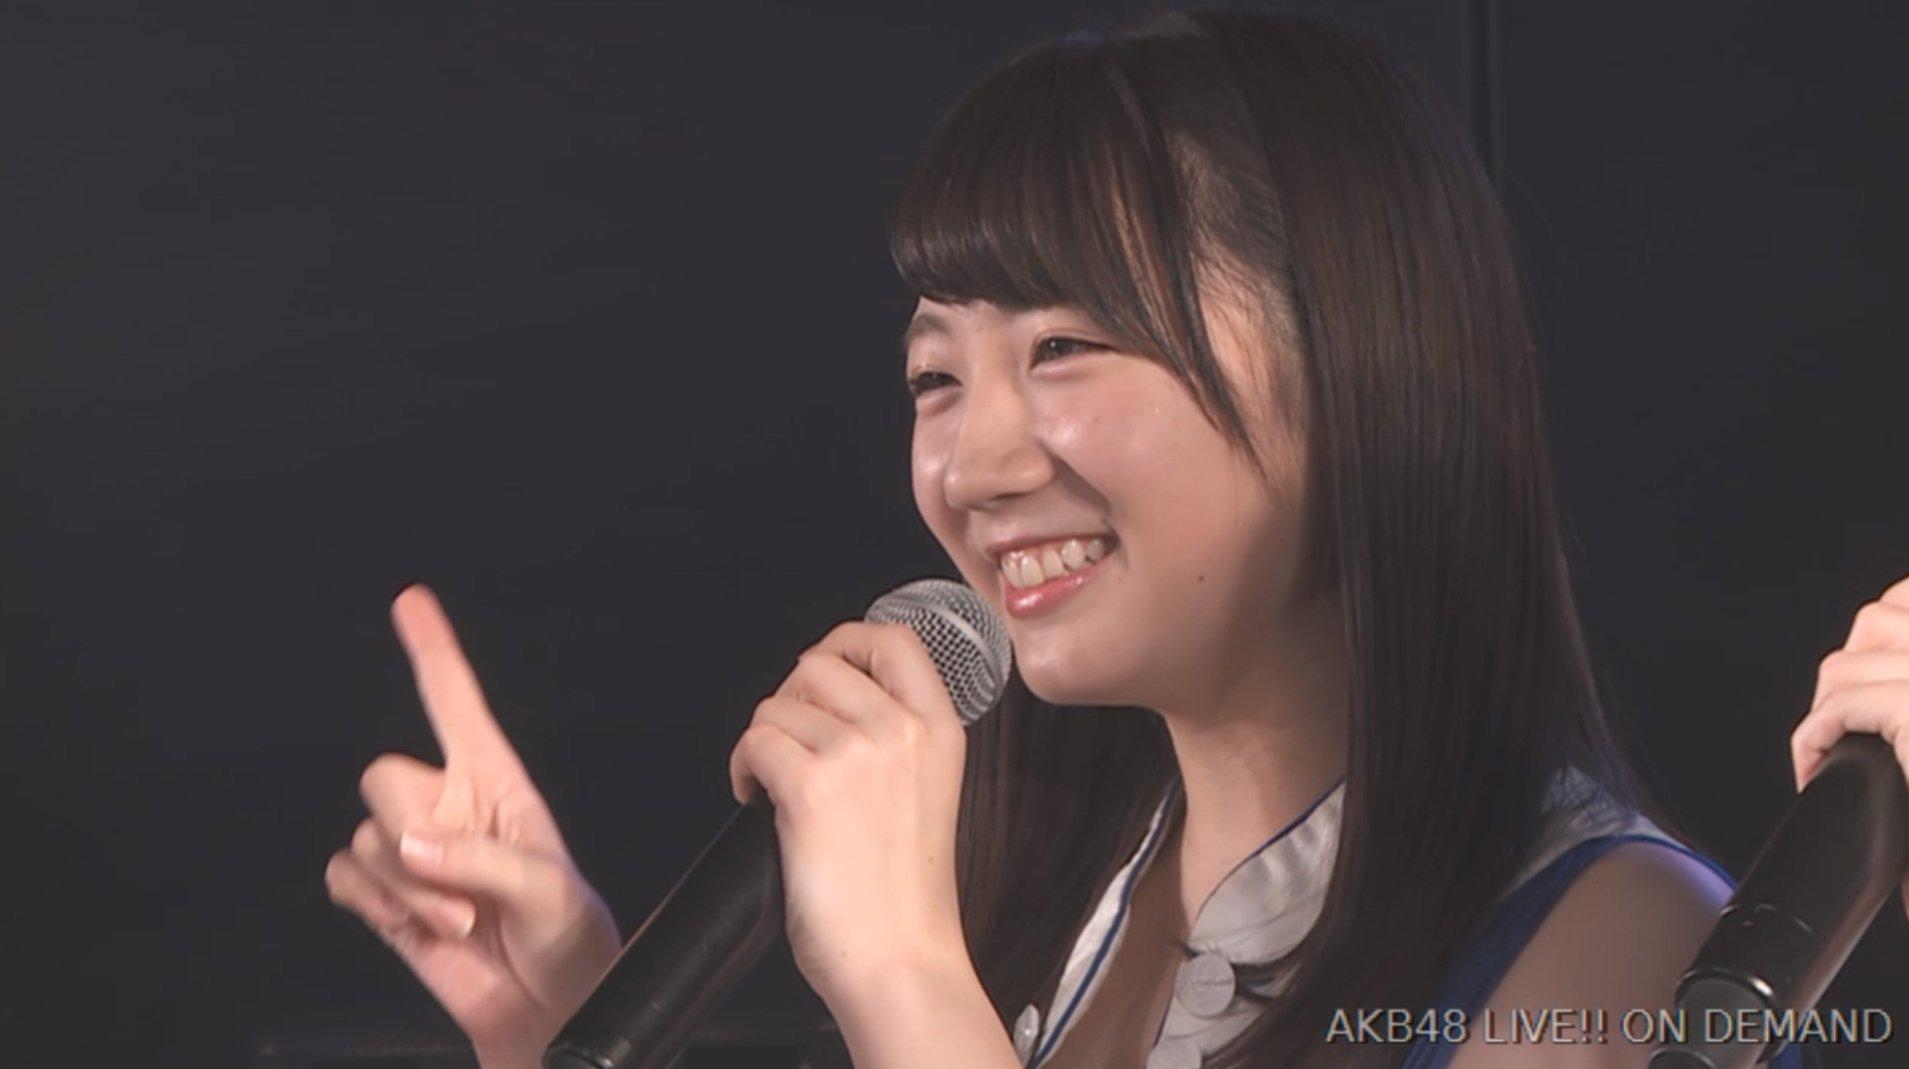 生駒里奈とかいう猿みたいな顔した女